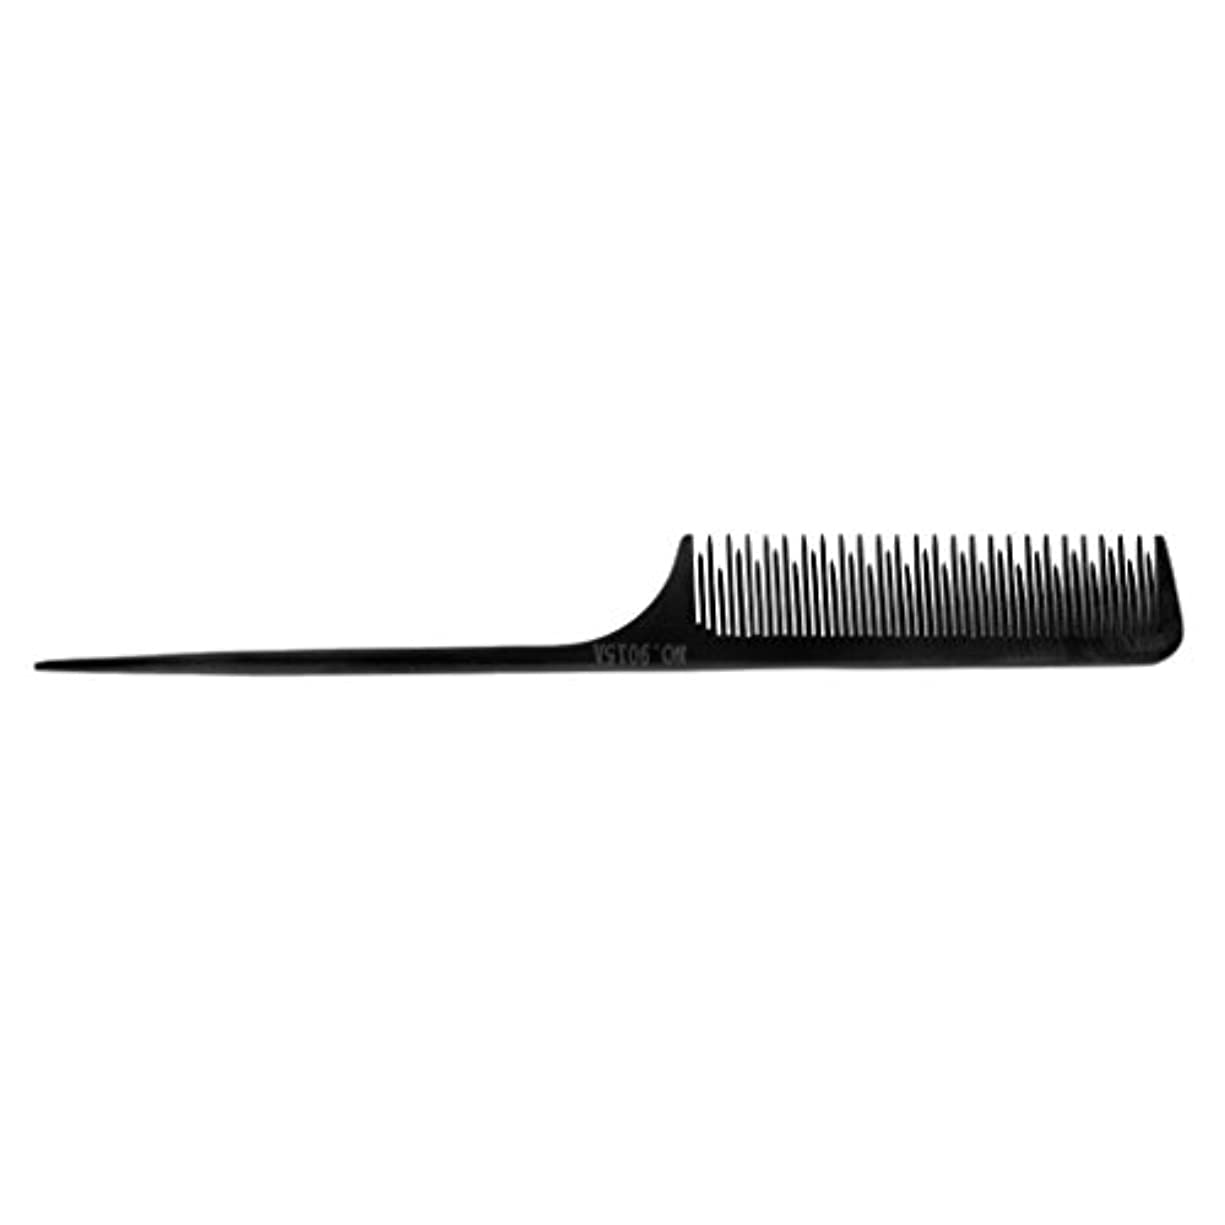 犯罪交響曲宇宙飛行士CUTICATE サロンの理髪師のテールチップスタイリングツール細かい歯の選択毛の櫛